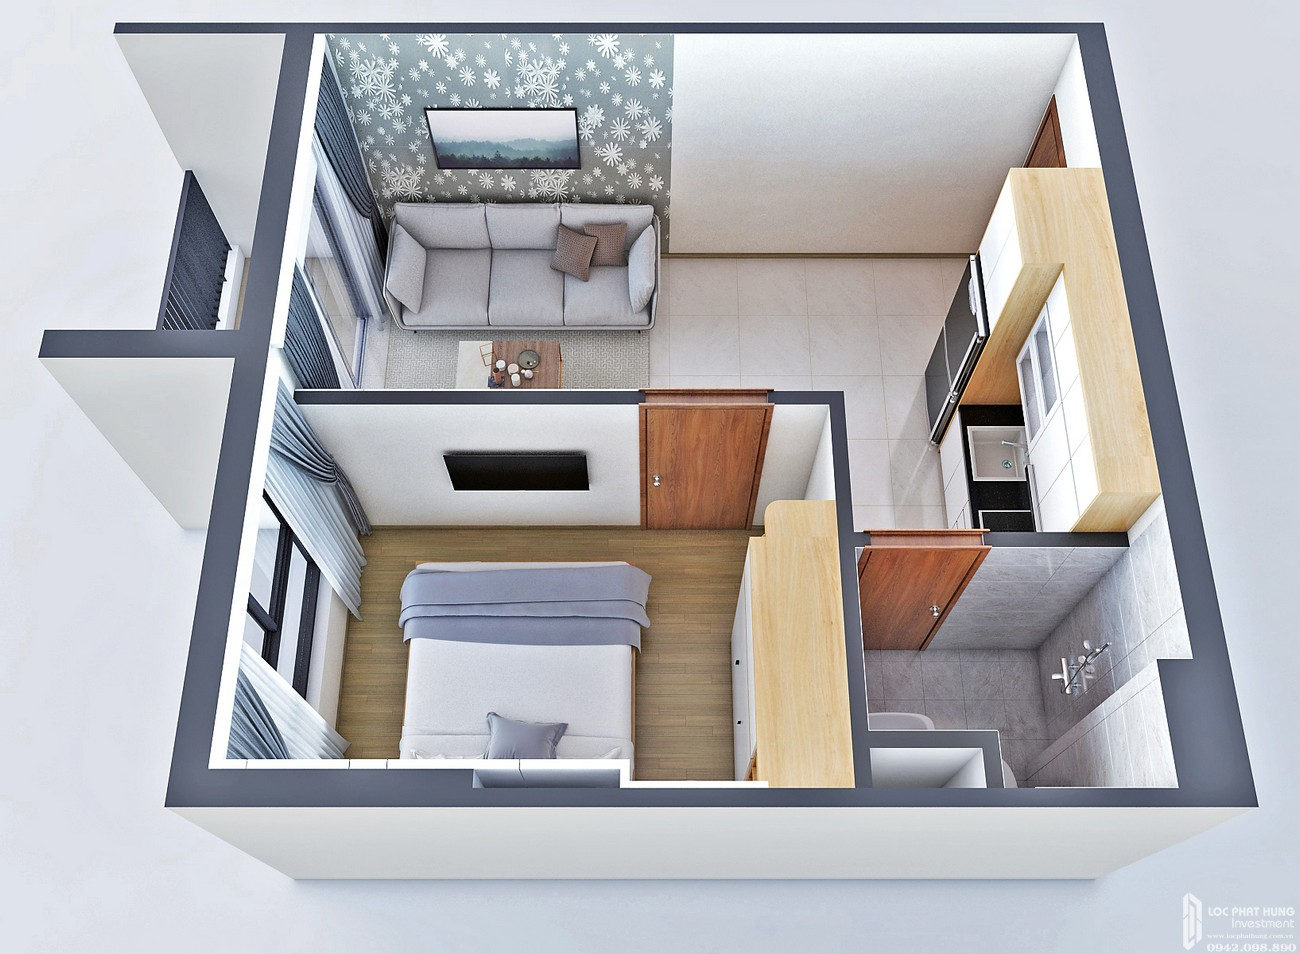 Thiết kế căn hộ loại C Bcons Bee Dĩ An Đường Trần Đại Nghĩa chủ đầu tư Bcons